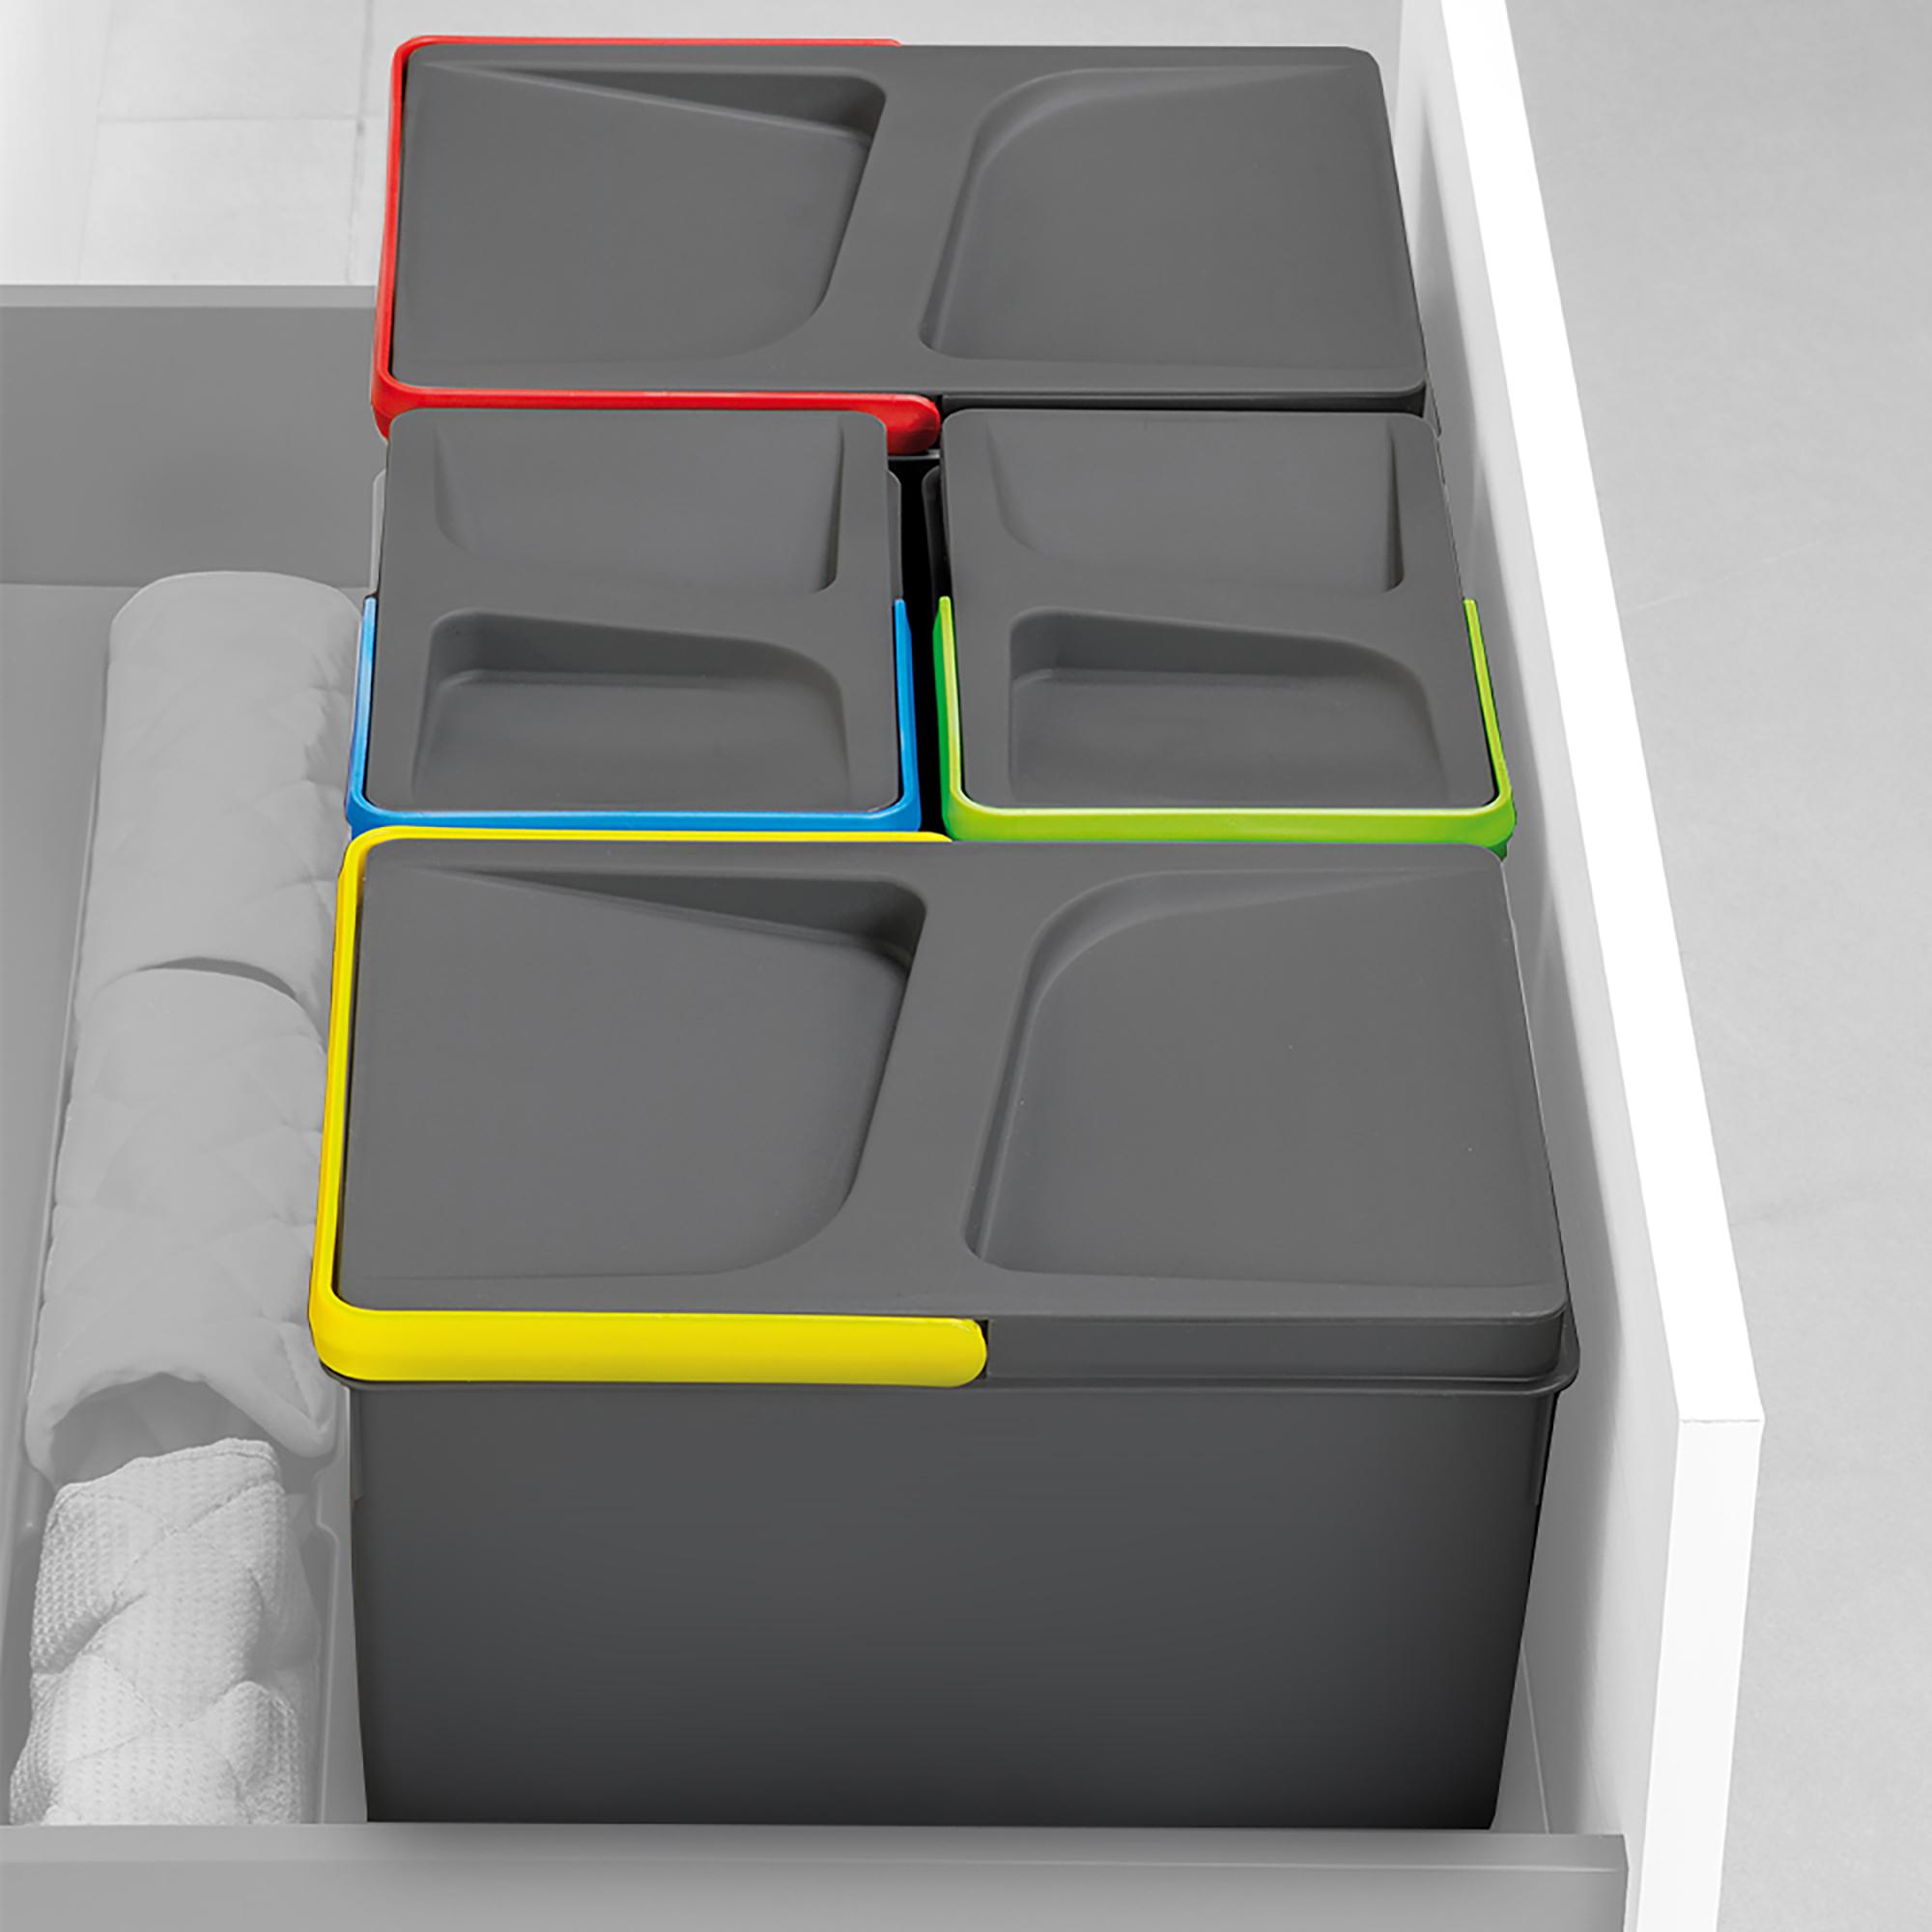 Emuca Contenitori per raccolta differenziata, 12 L + 6 L + 6 L, modulo 600 mm, Plastica, Grigio antracite, 3 u. + Base